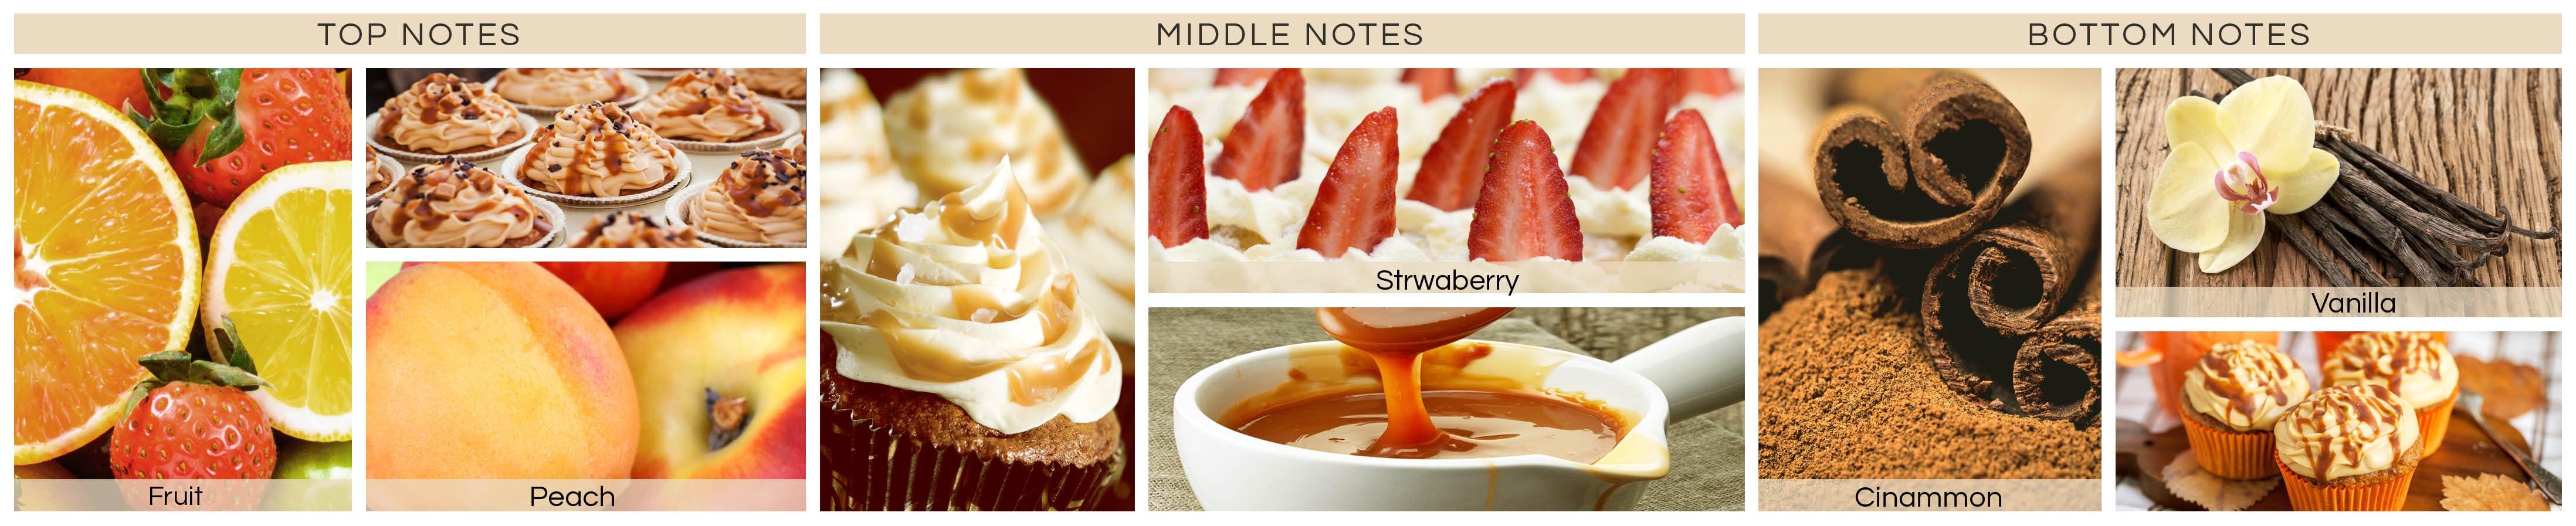 caramel-cupcake-jpg57602eca7445d-min591c011458a11